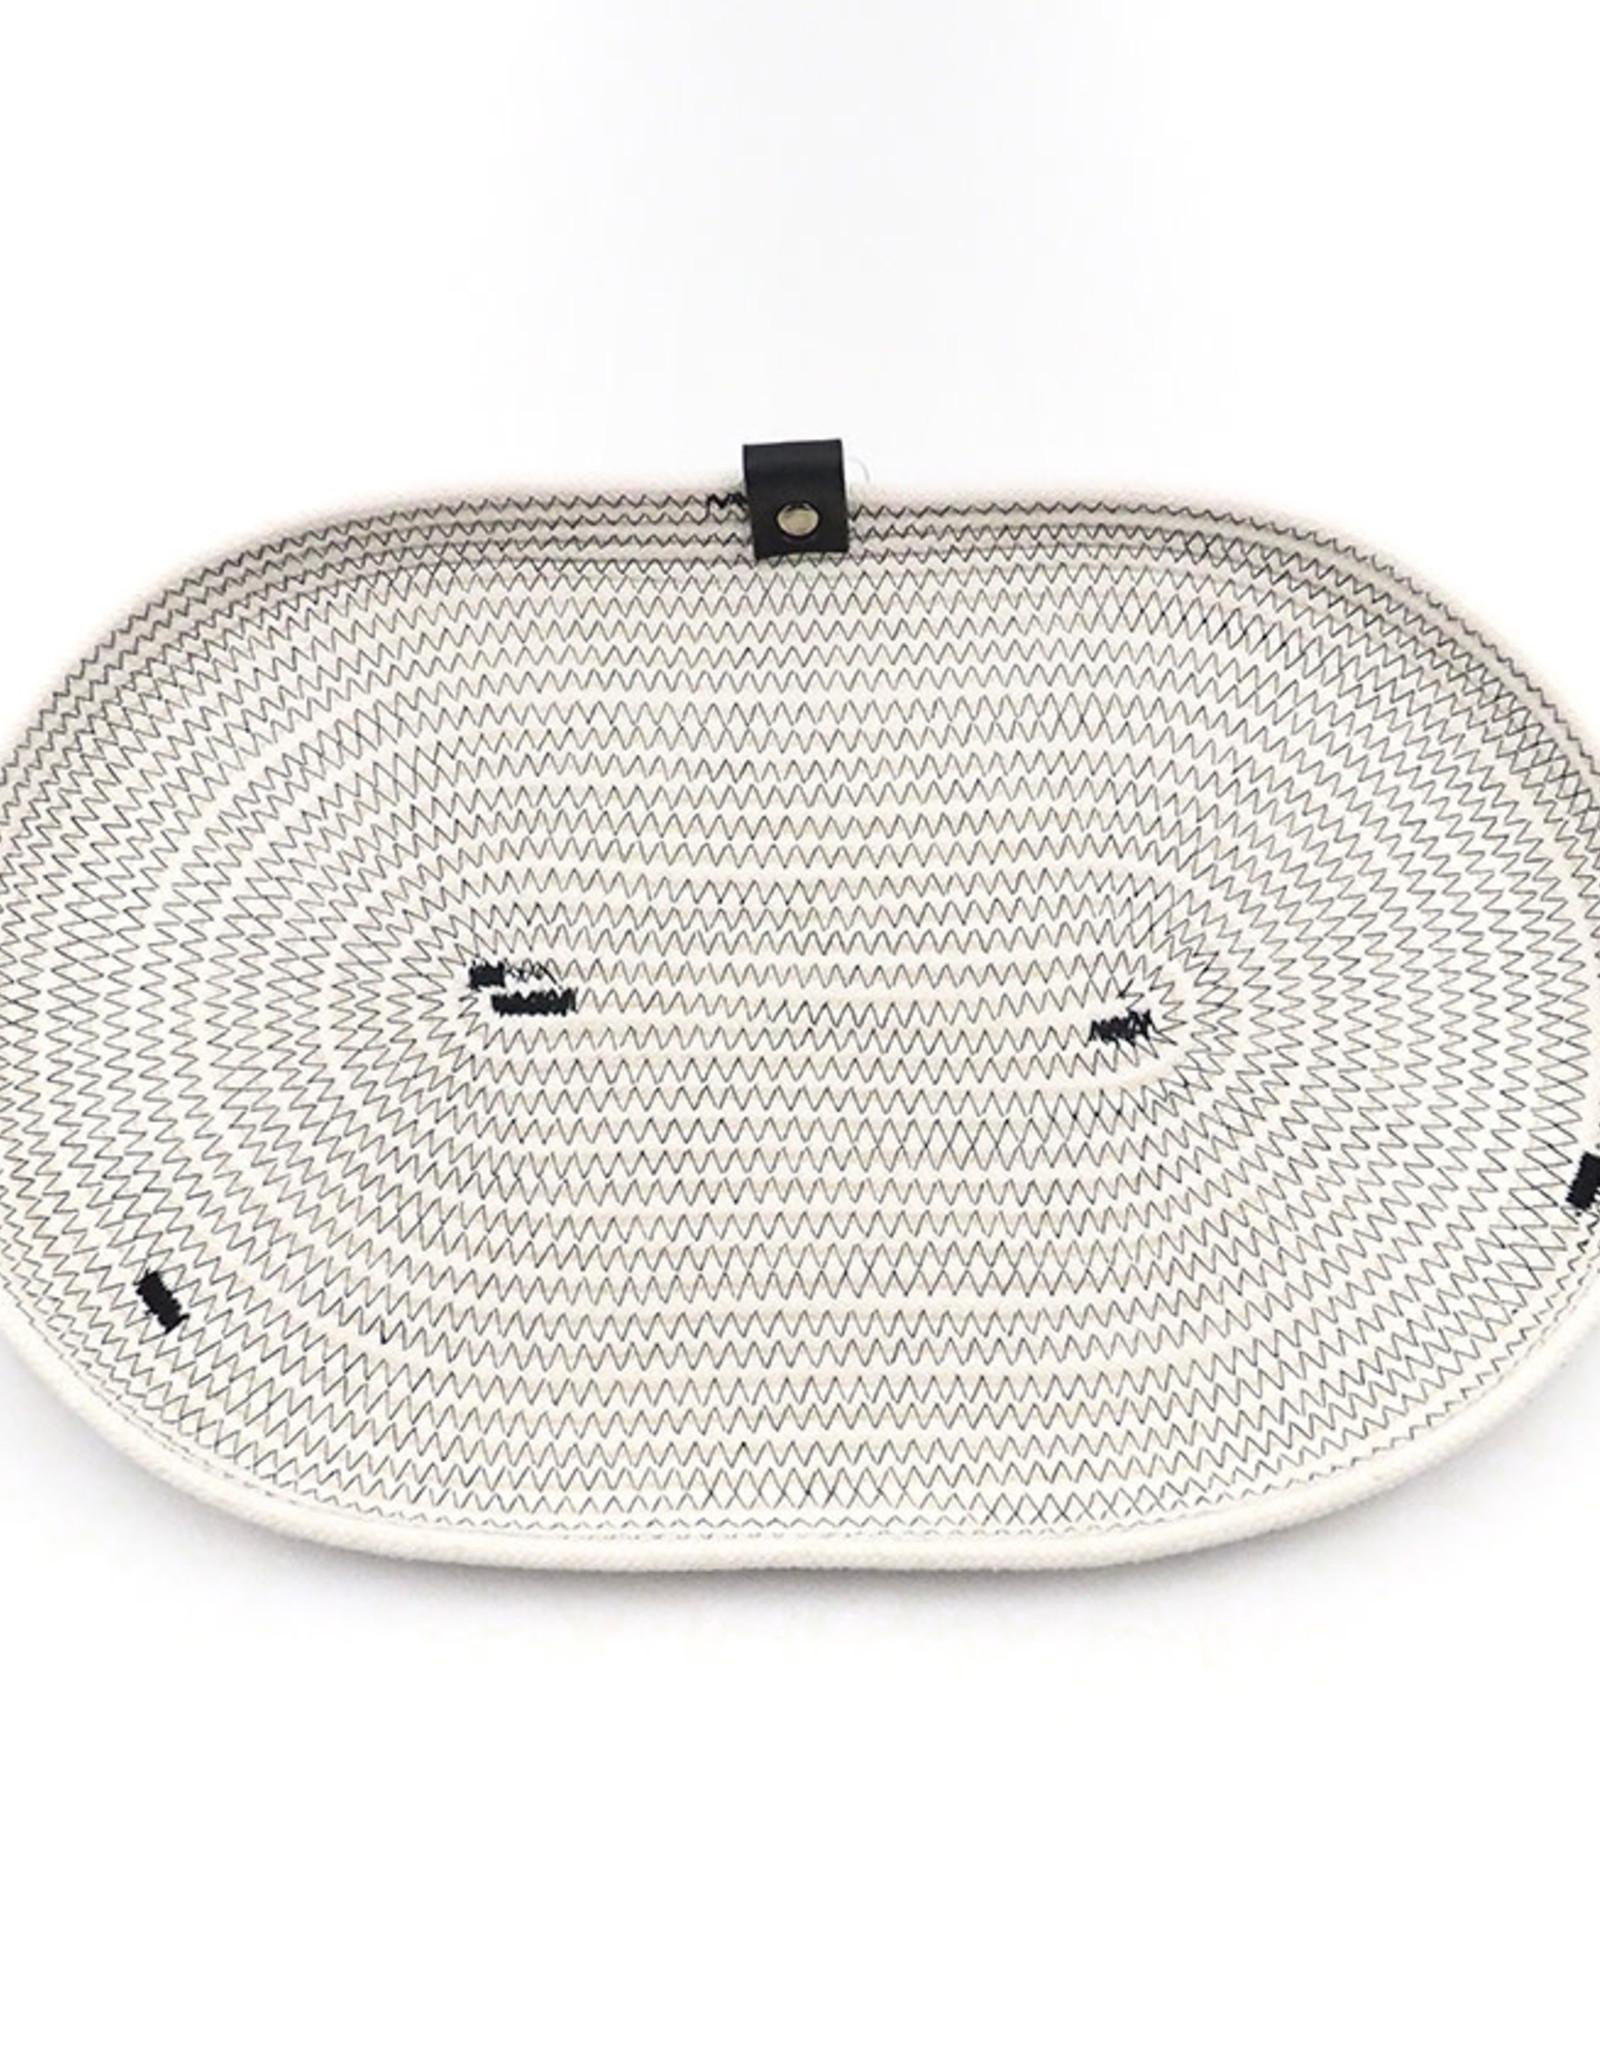 Koba Handmade Plate Oval Low-ecru/black 35x20cm